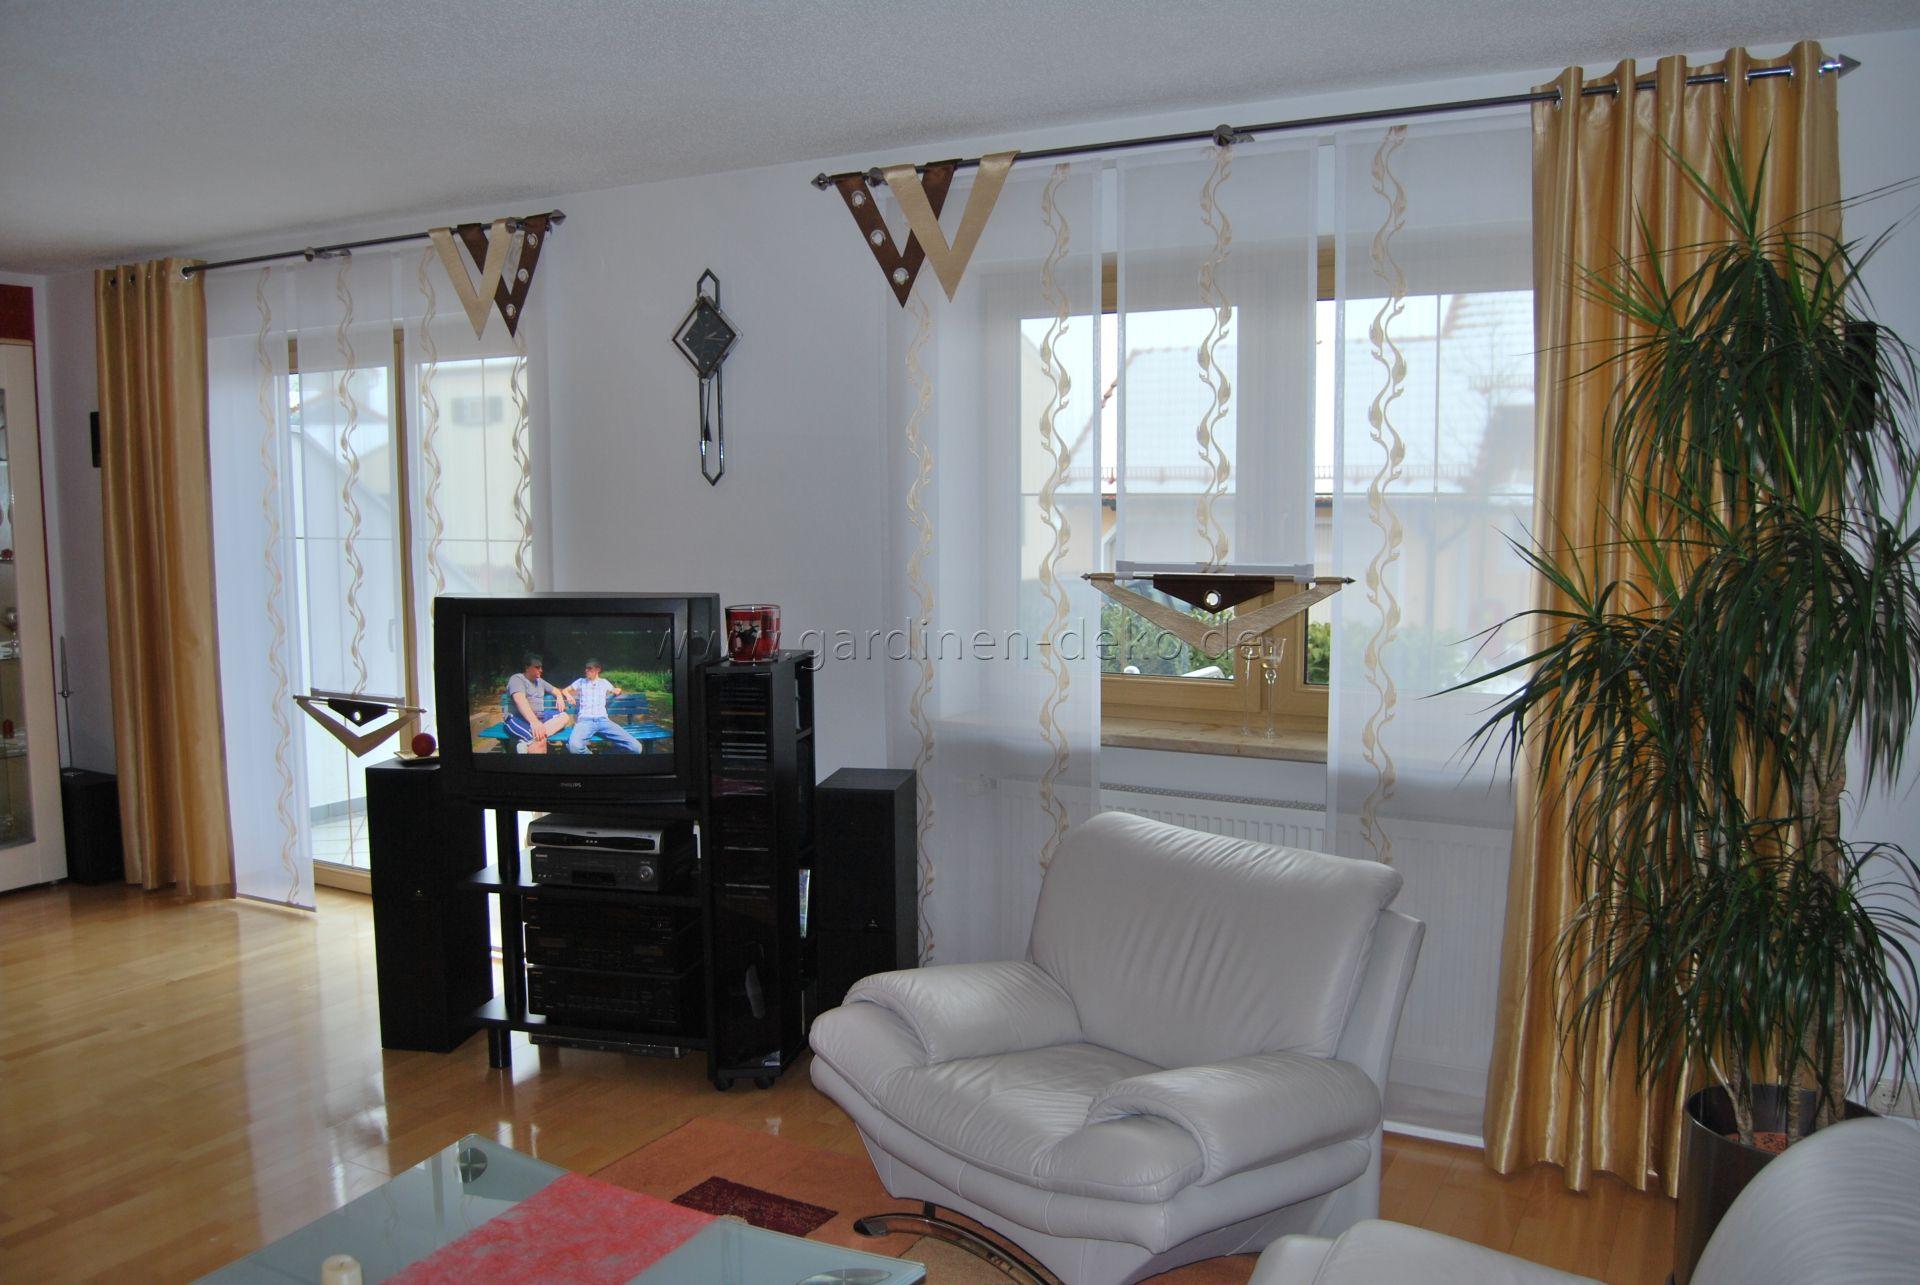 Wohnzimmer Stufengardine mit edlen Seitenschals und Doppel V